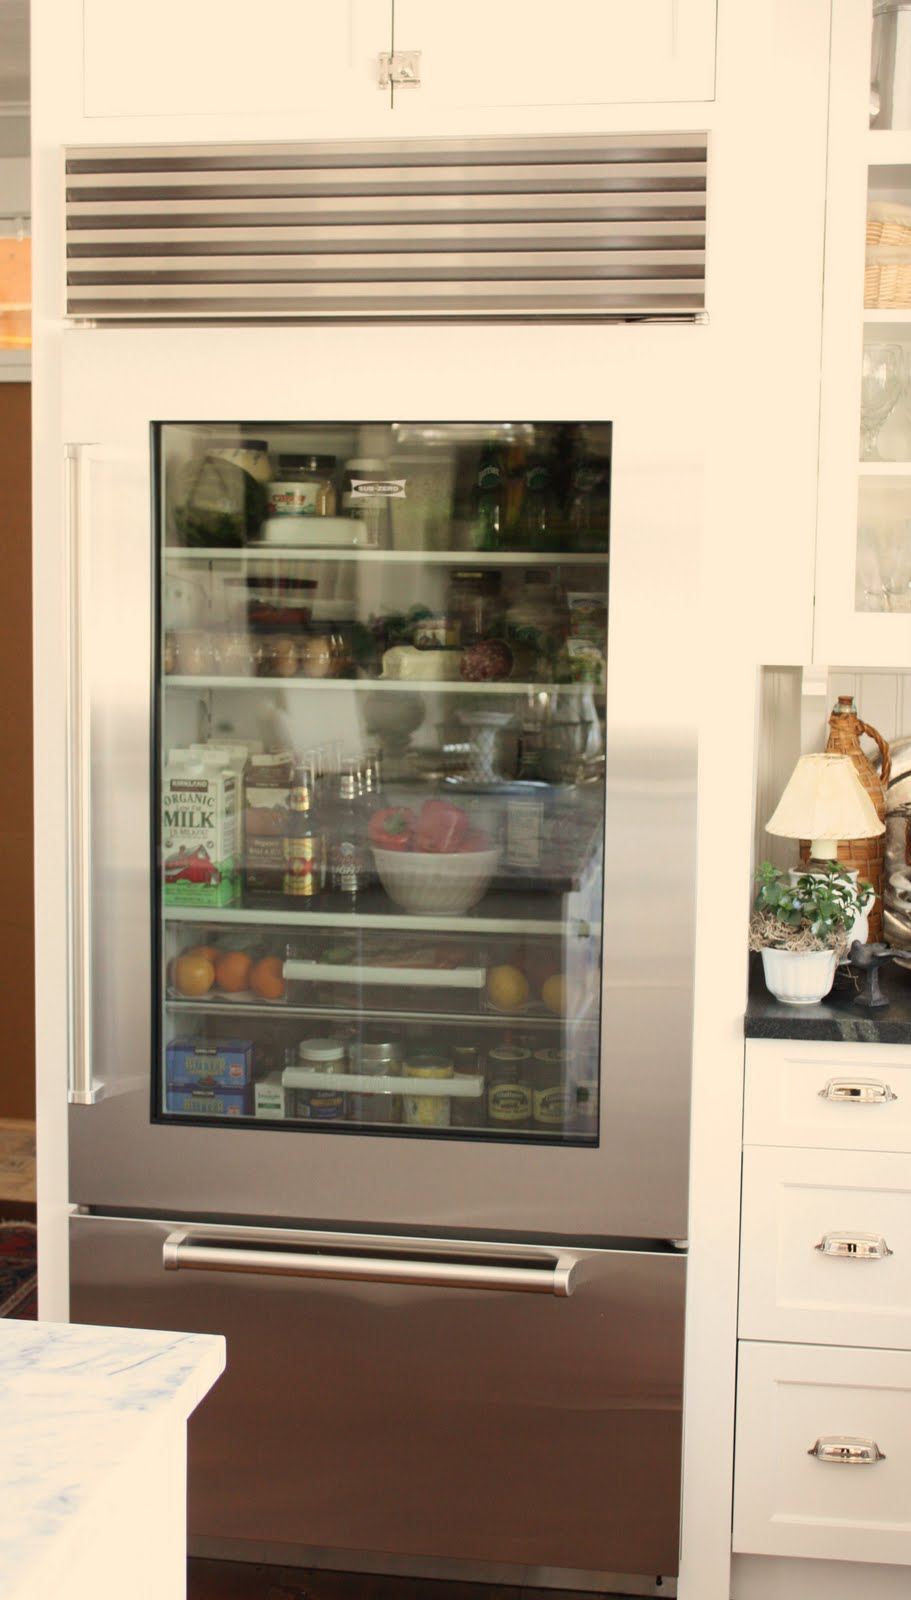 The Gl Door Refrigerator